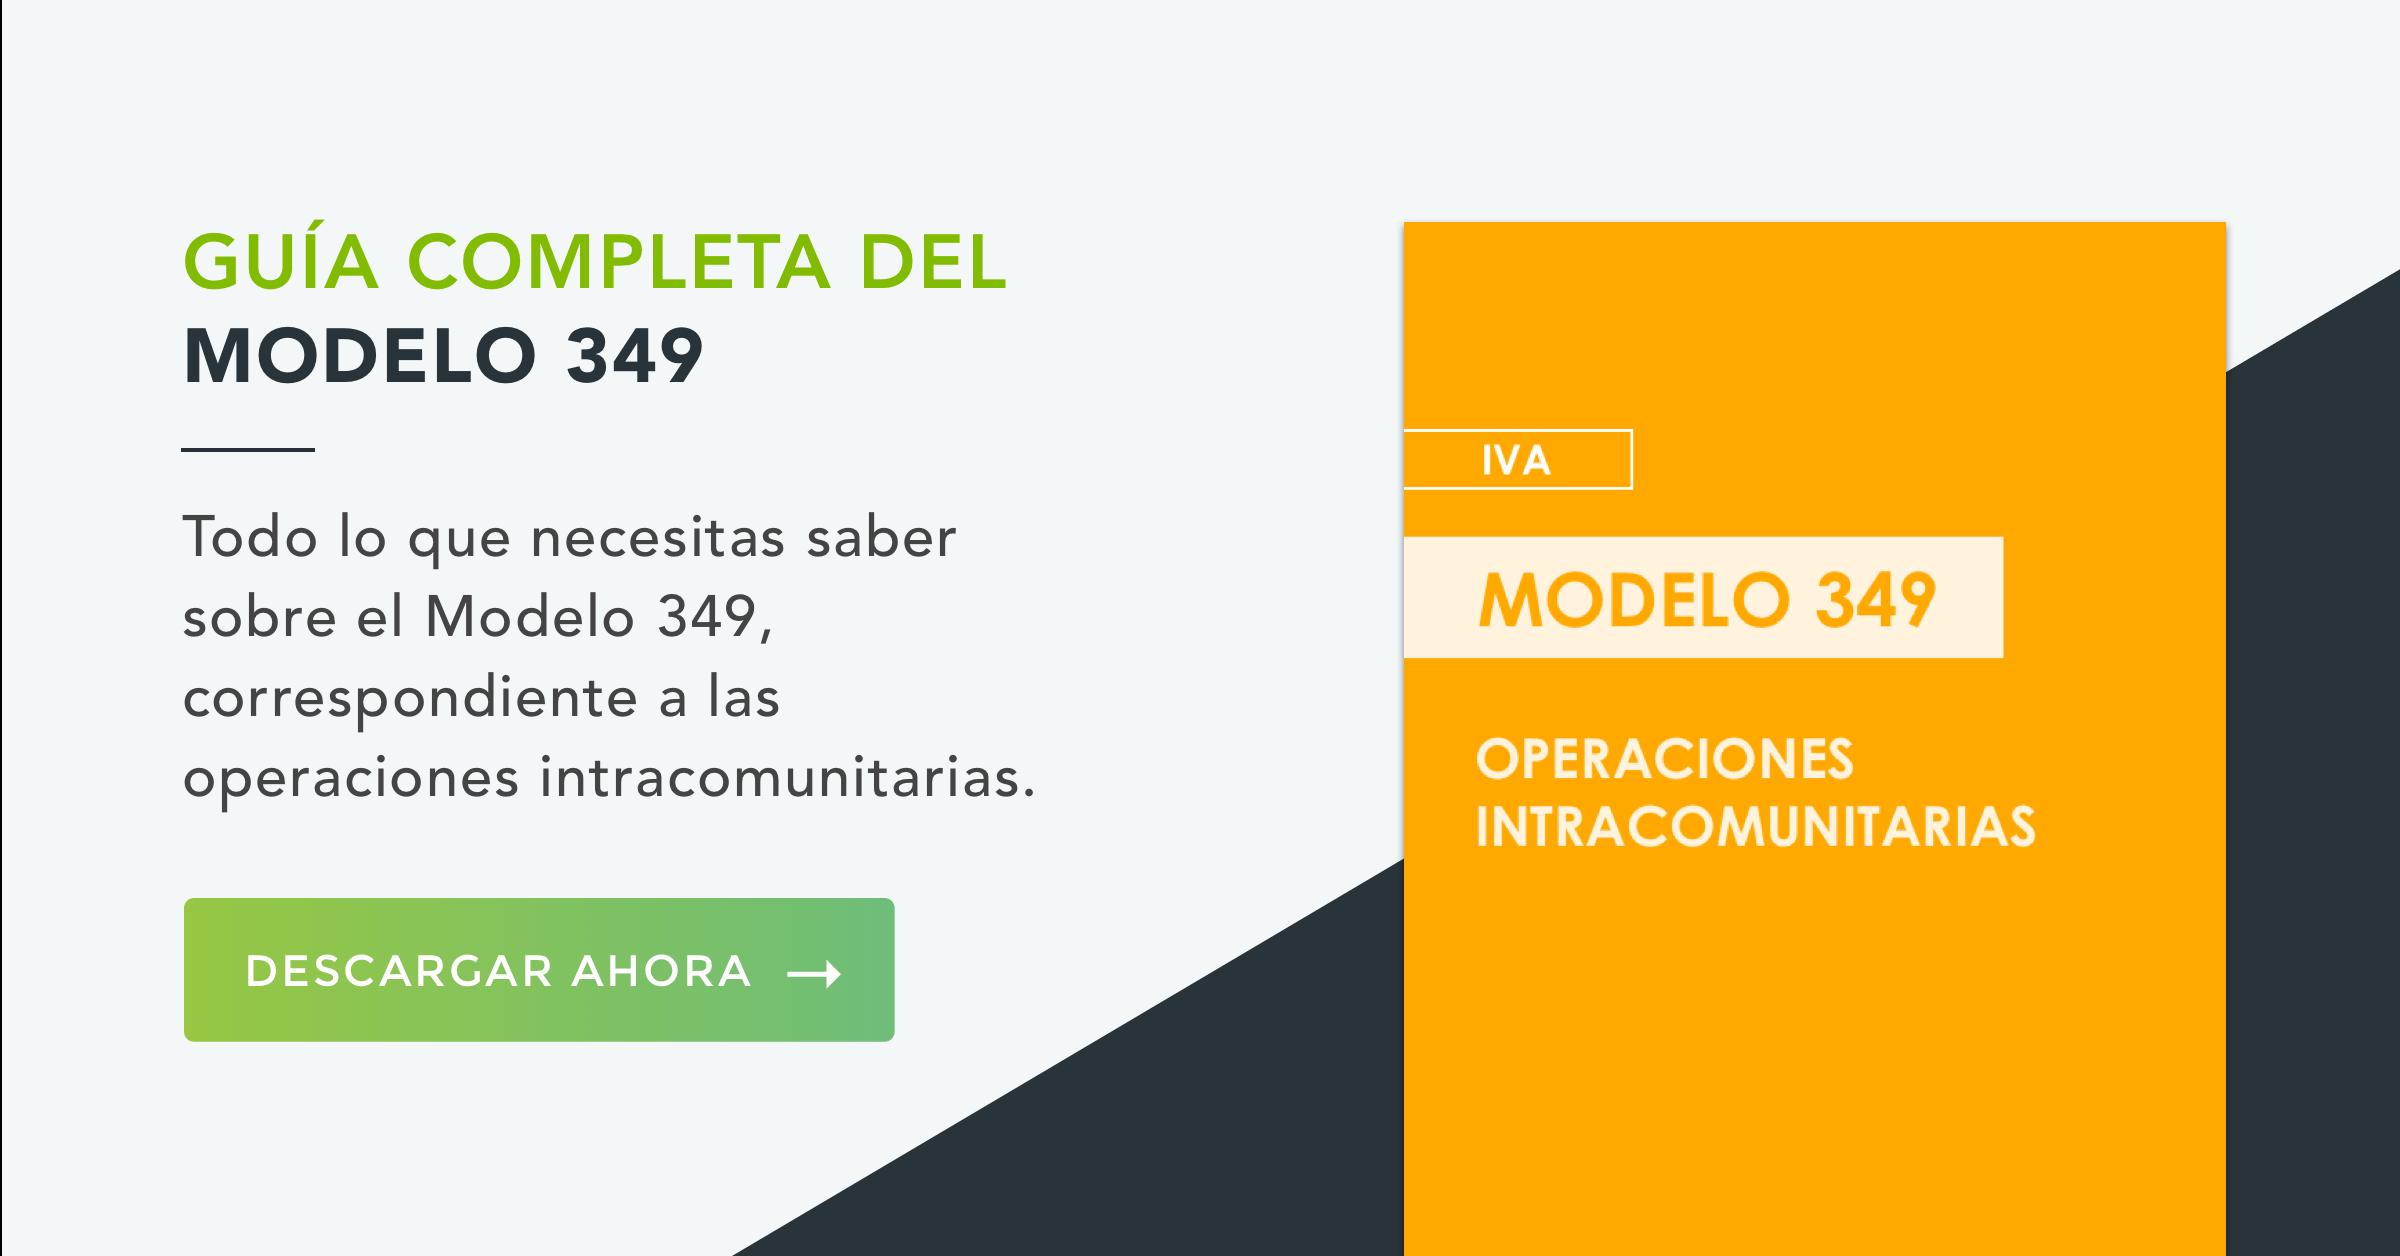 Modelo 349 IVA